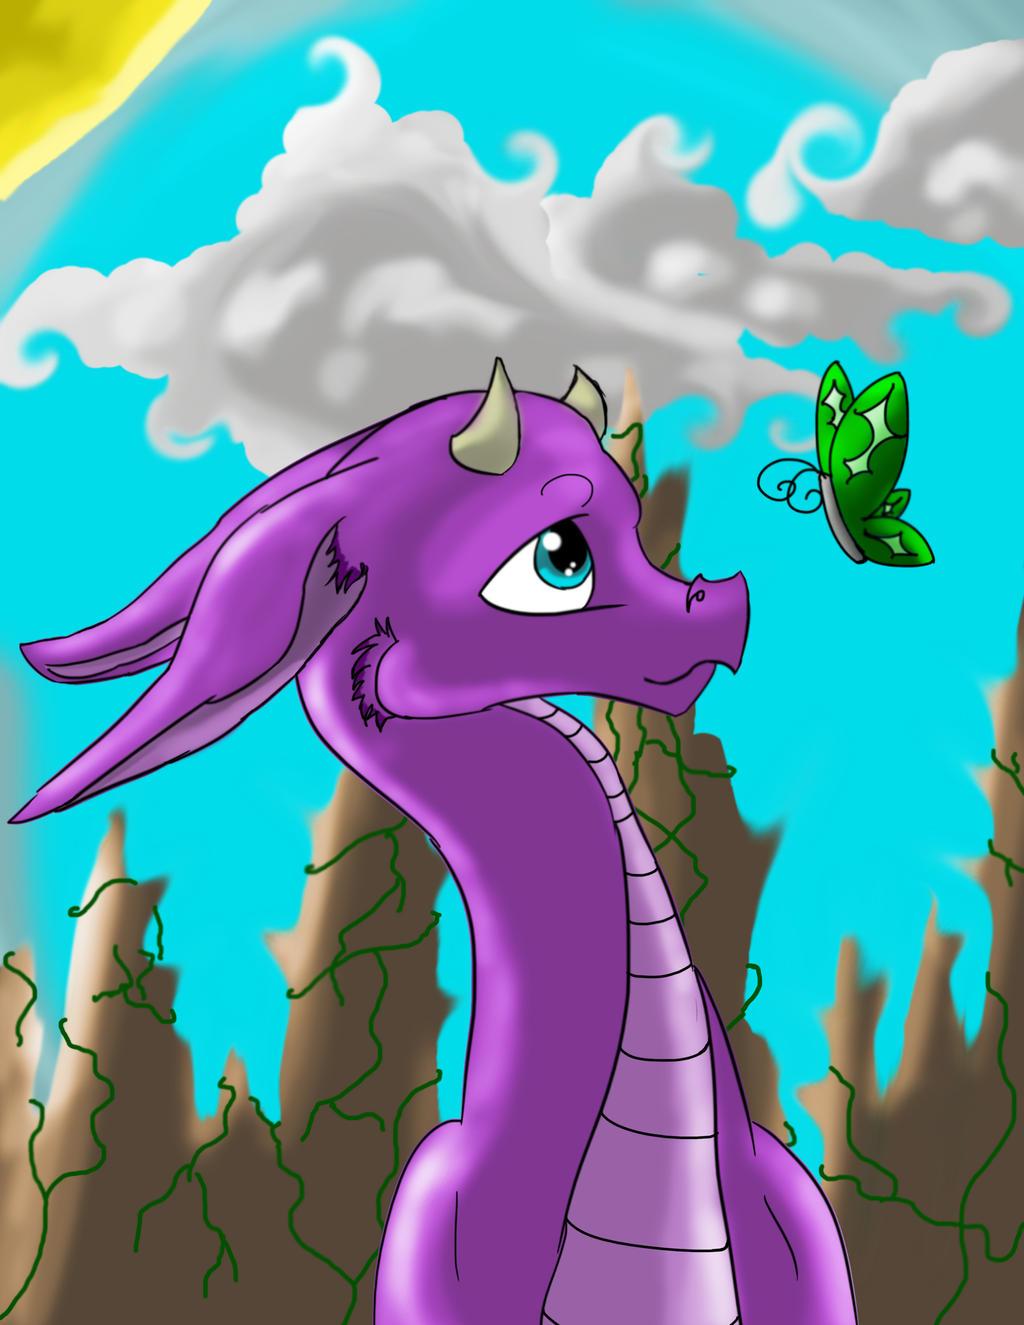 Purple Dragon by wolf-karpova